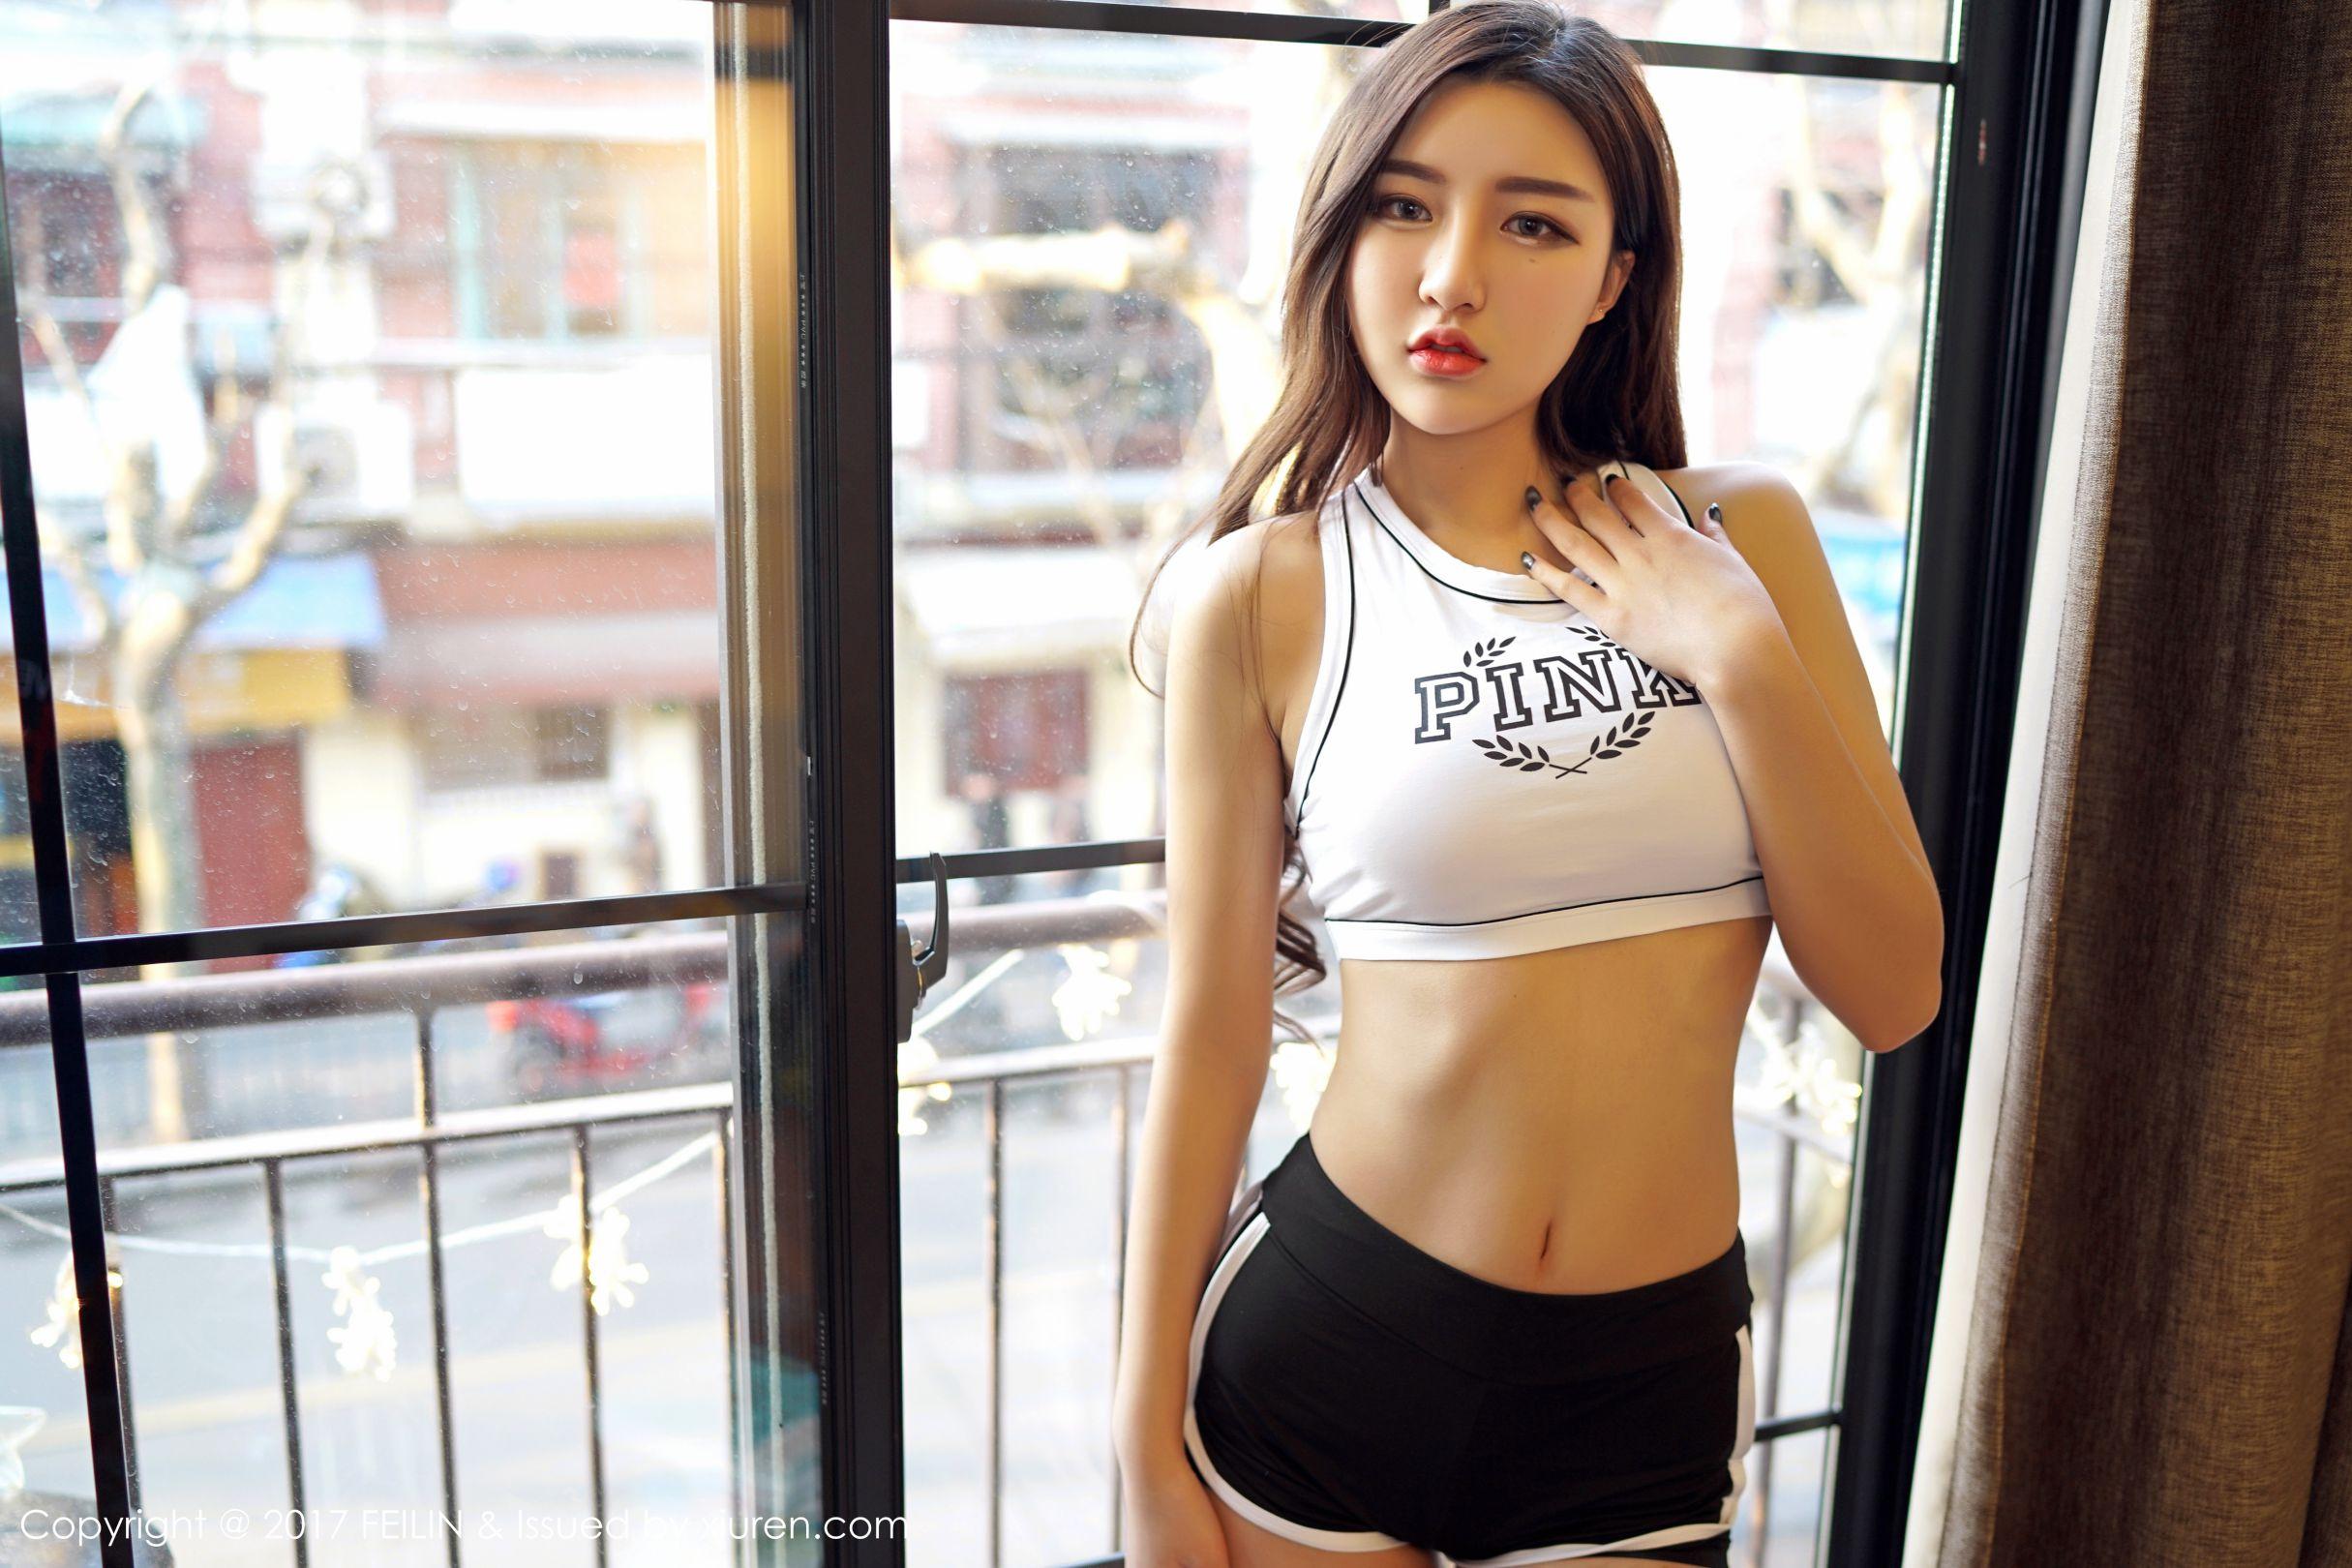 M梦baby - 皮卡丘、运动风+蕾丝 写真图片